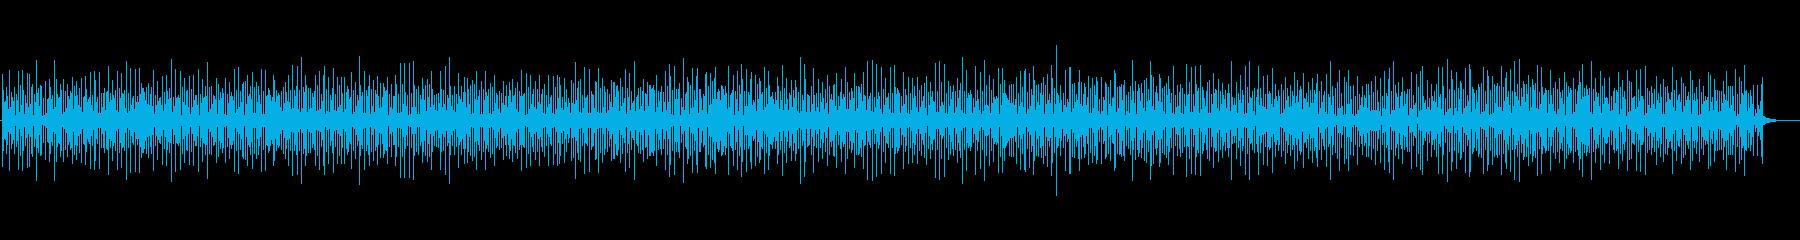 軽快なンチャンチャの再生済みの波形